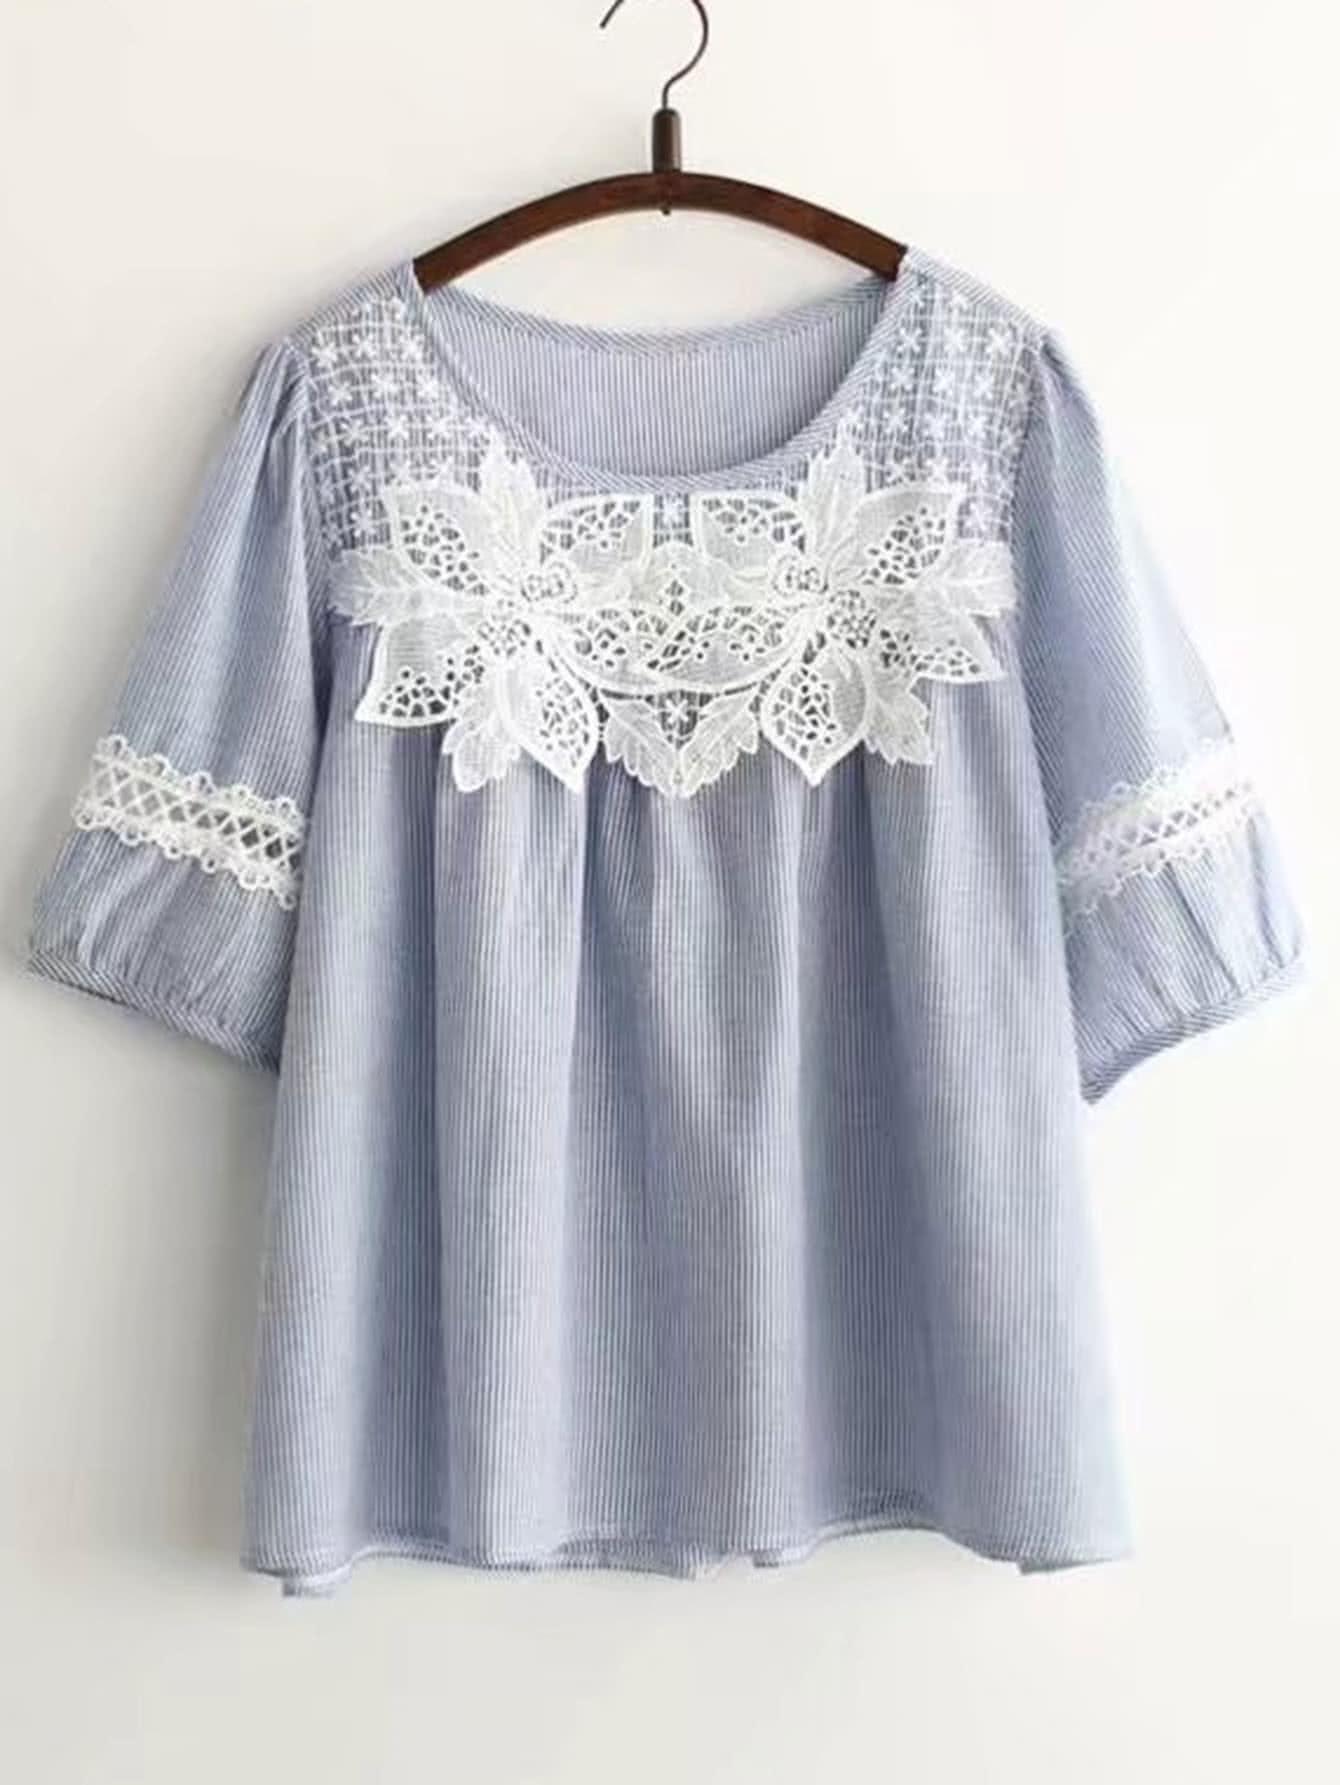 Фото Contrast Lace Applique Pinstripe Top. Купить с доставкой